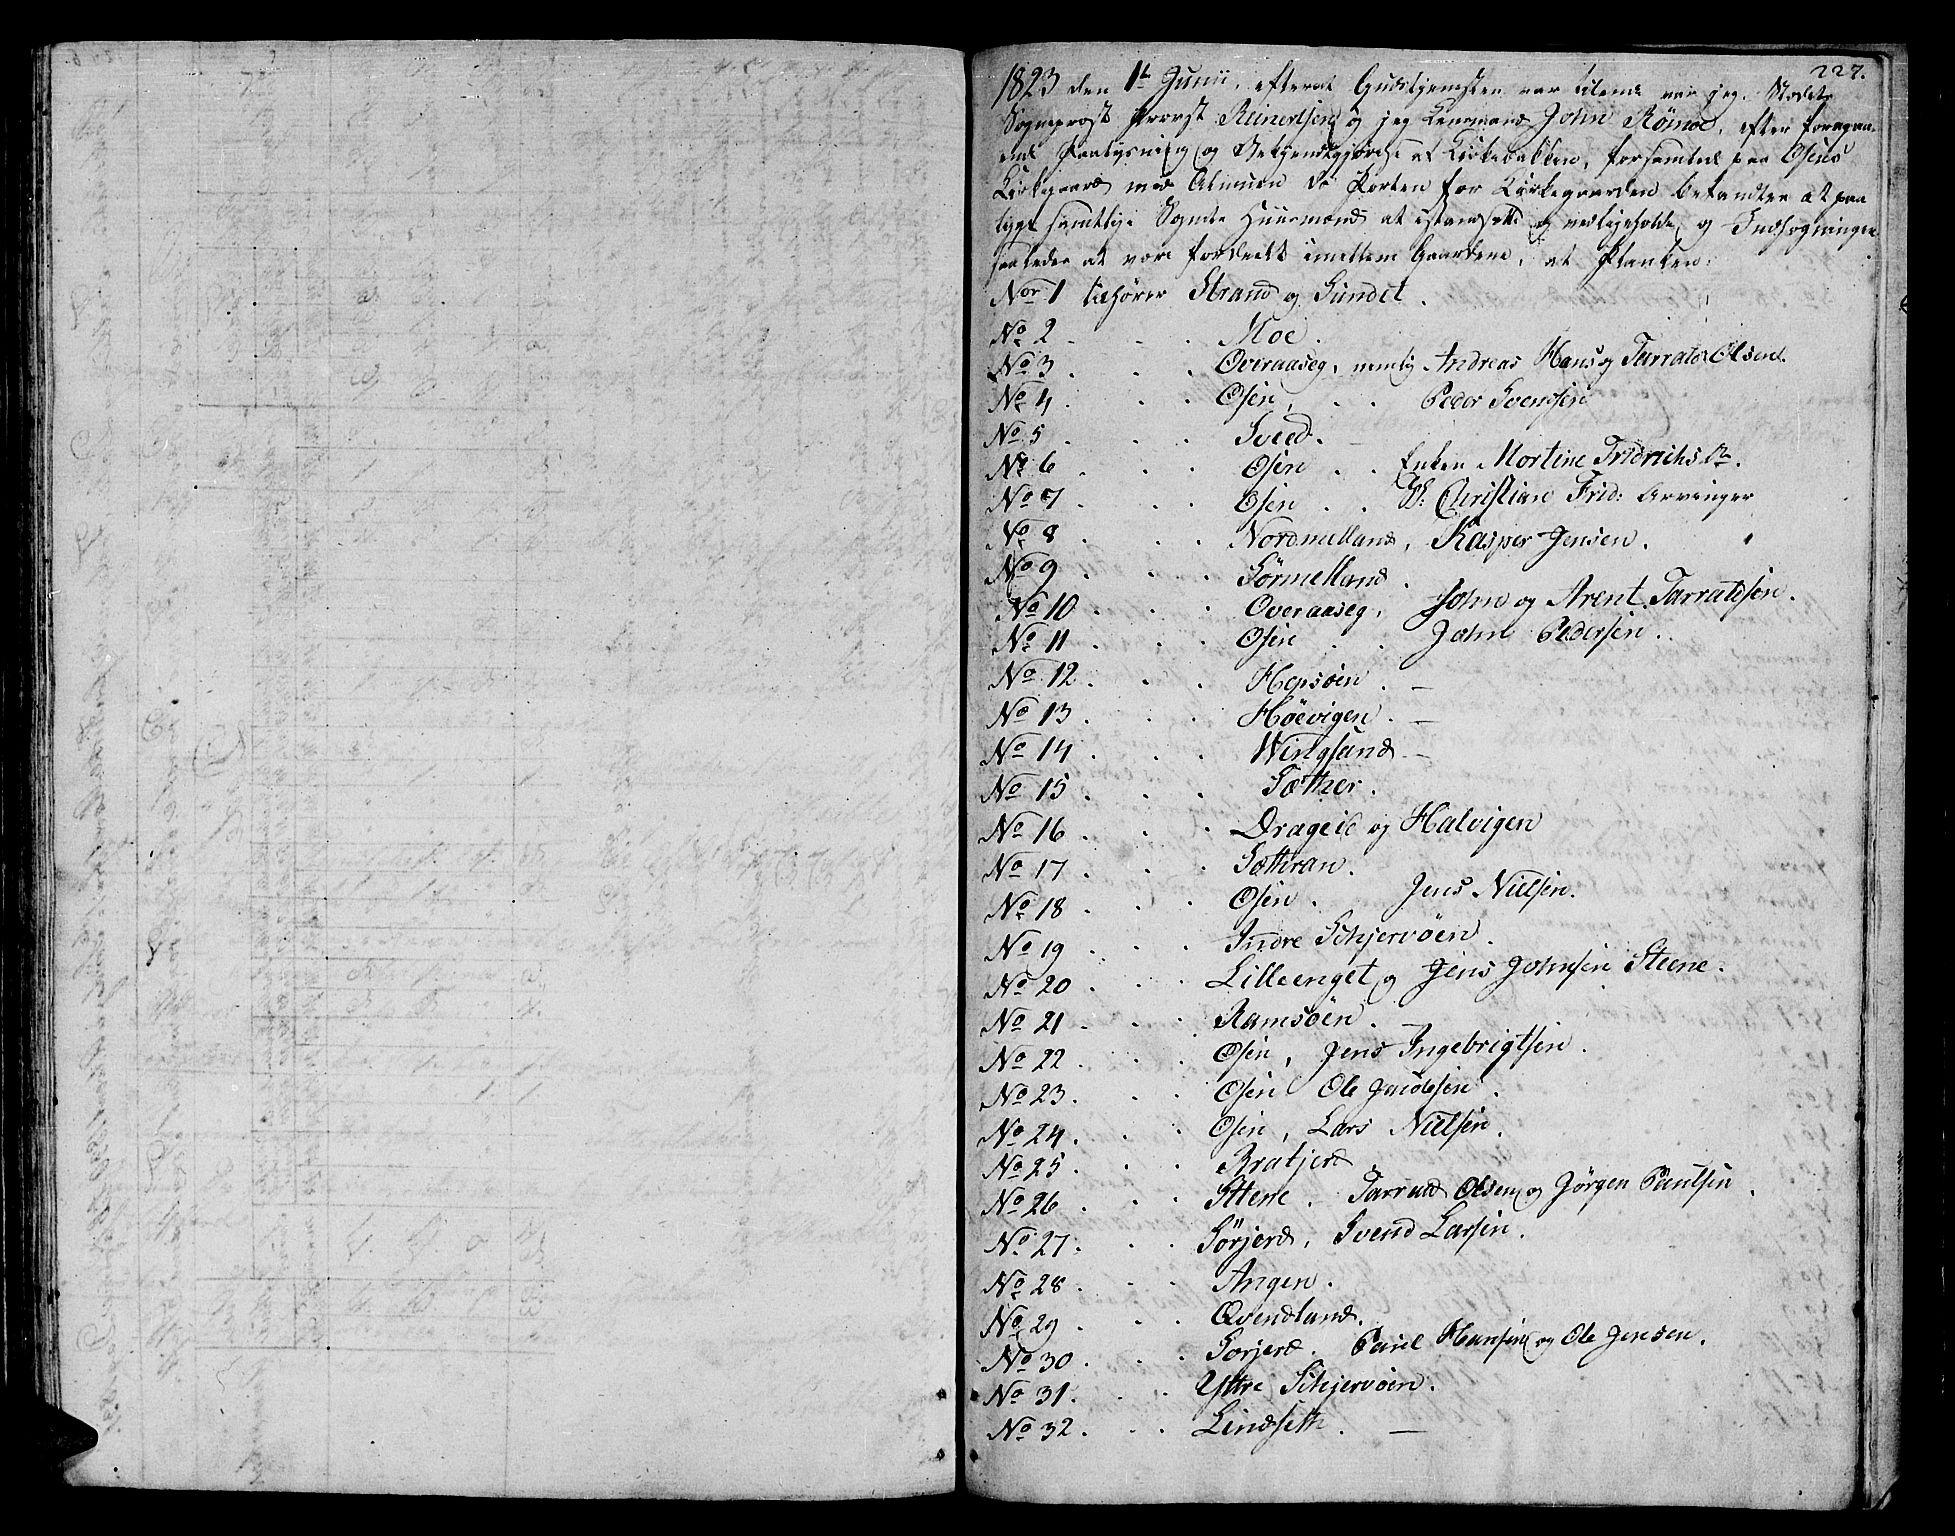 SAT, Ministerialprotokoller, klokkerbøker og fødselsregistre - Sør-Trøndelag, 657/L0701: Ministerialbok nr. 657A02, 1802-1831, s. 227